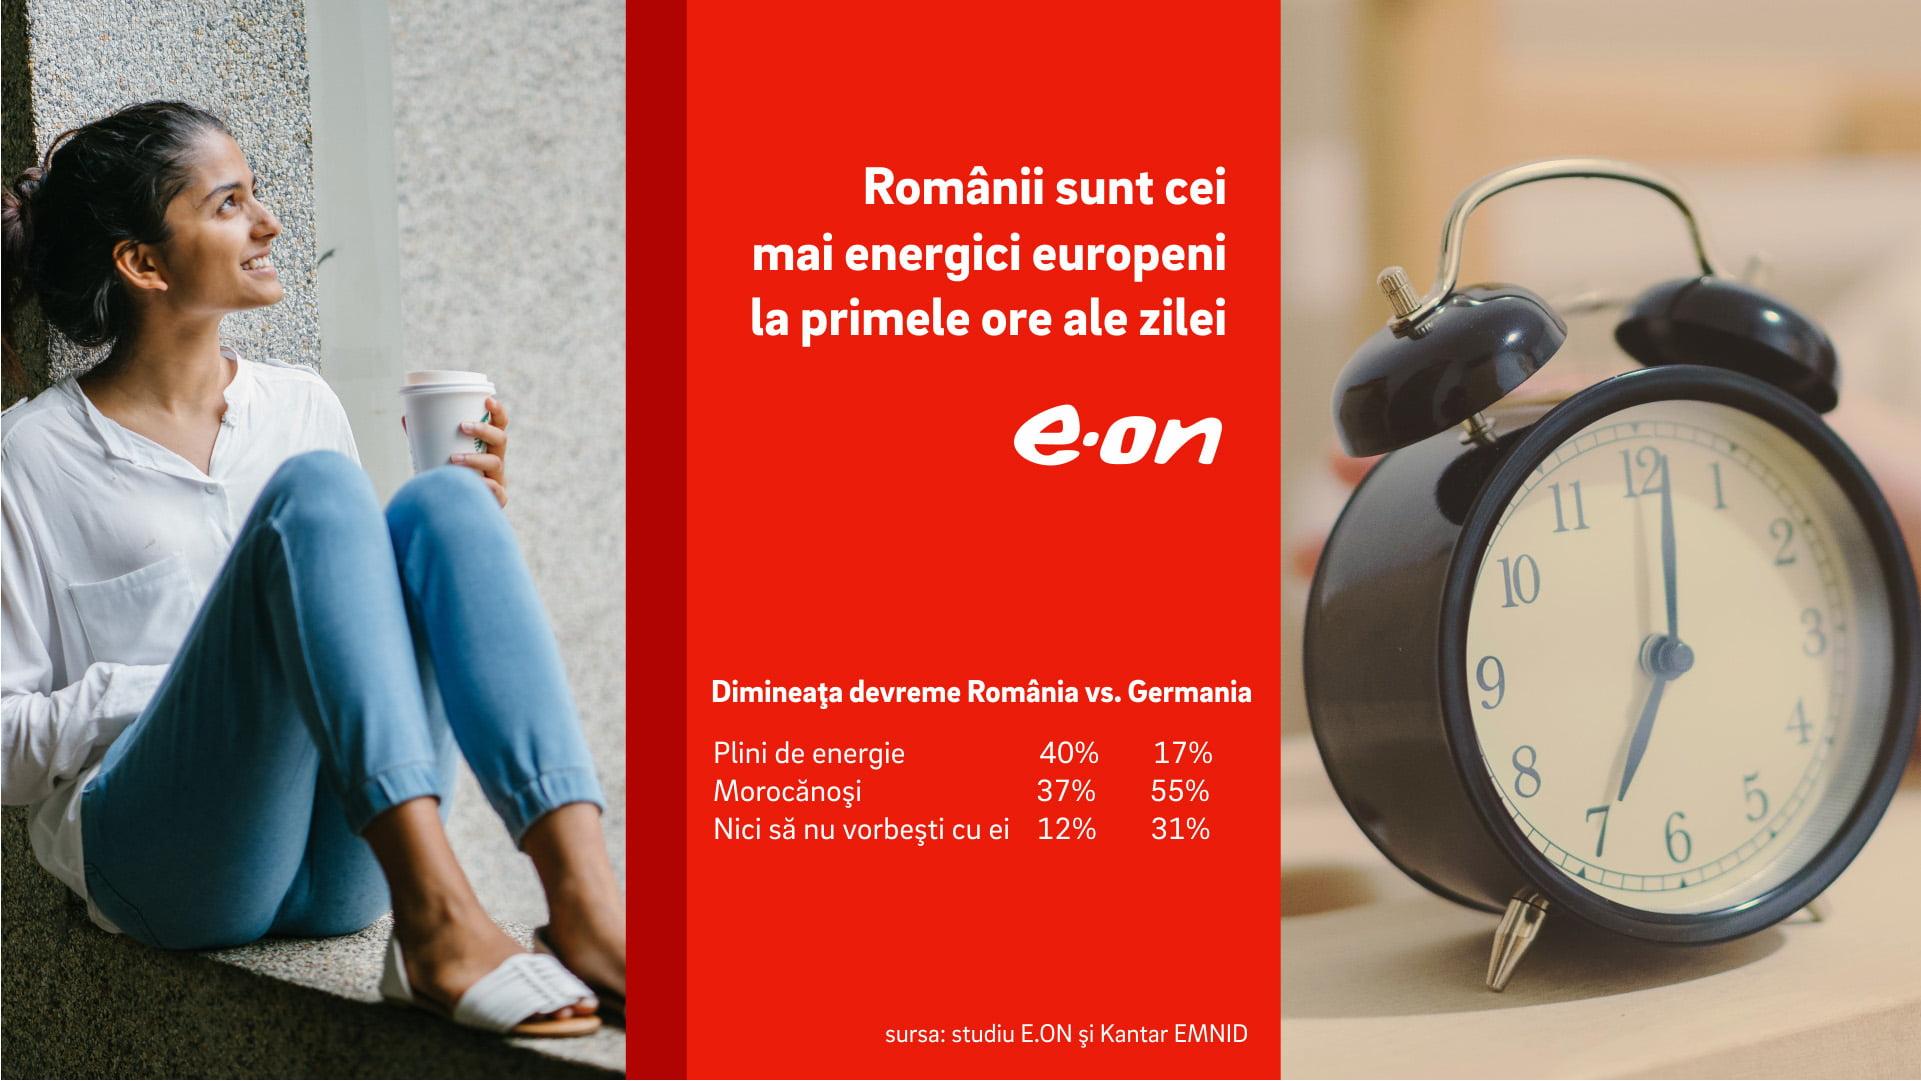 Studiu E.ON: Românii sunt cei mai energici europeni la primele ore ale zilei